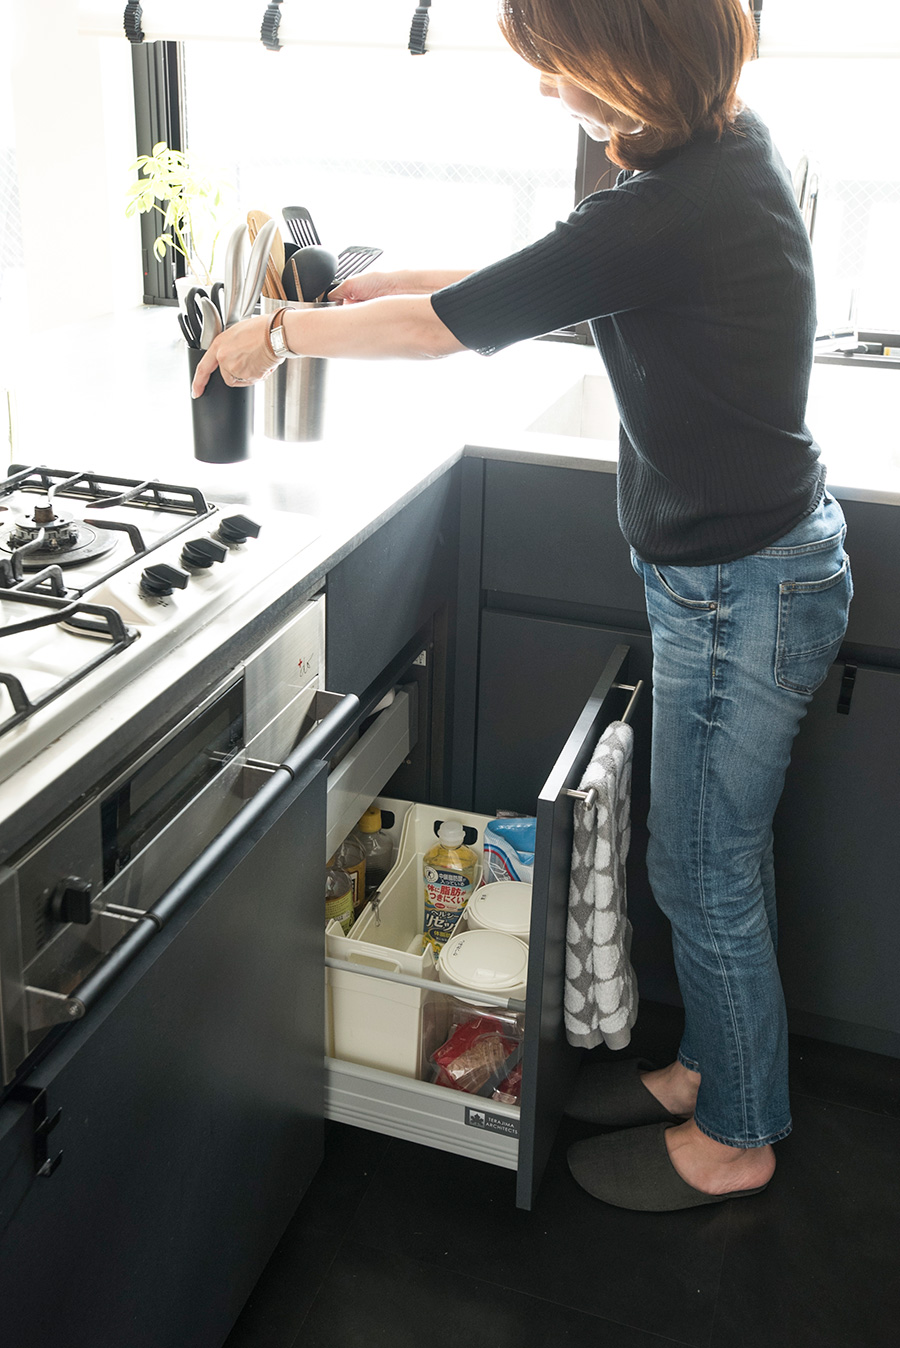 調理器具はひとまとめにして、使うときだけキッチン台の上に。普段はそのまましまってすっきりと。